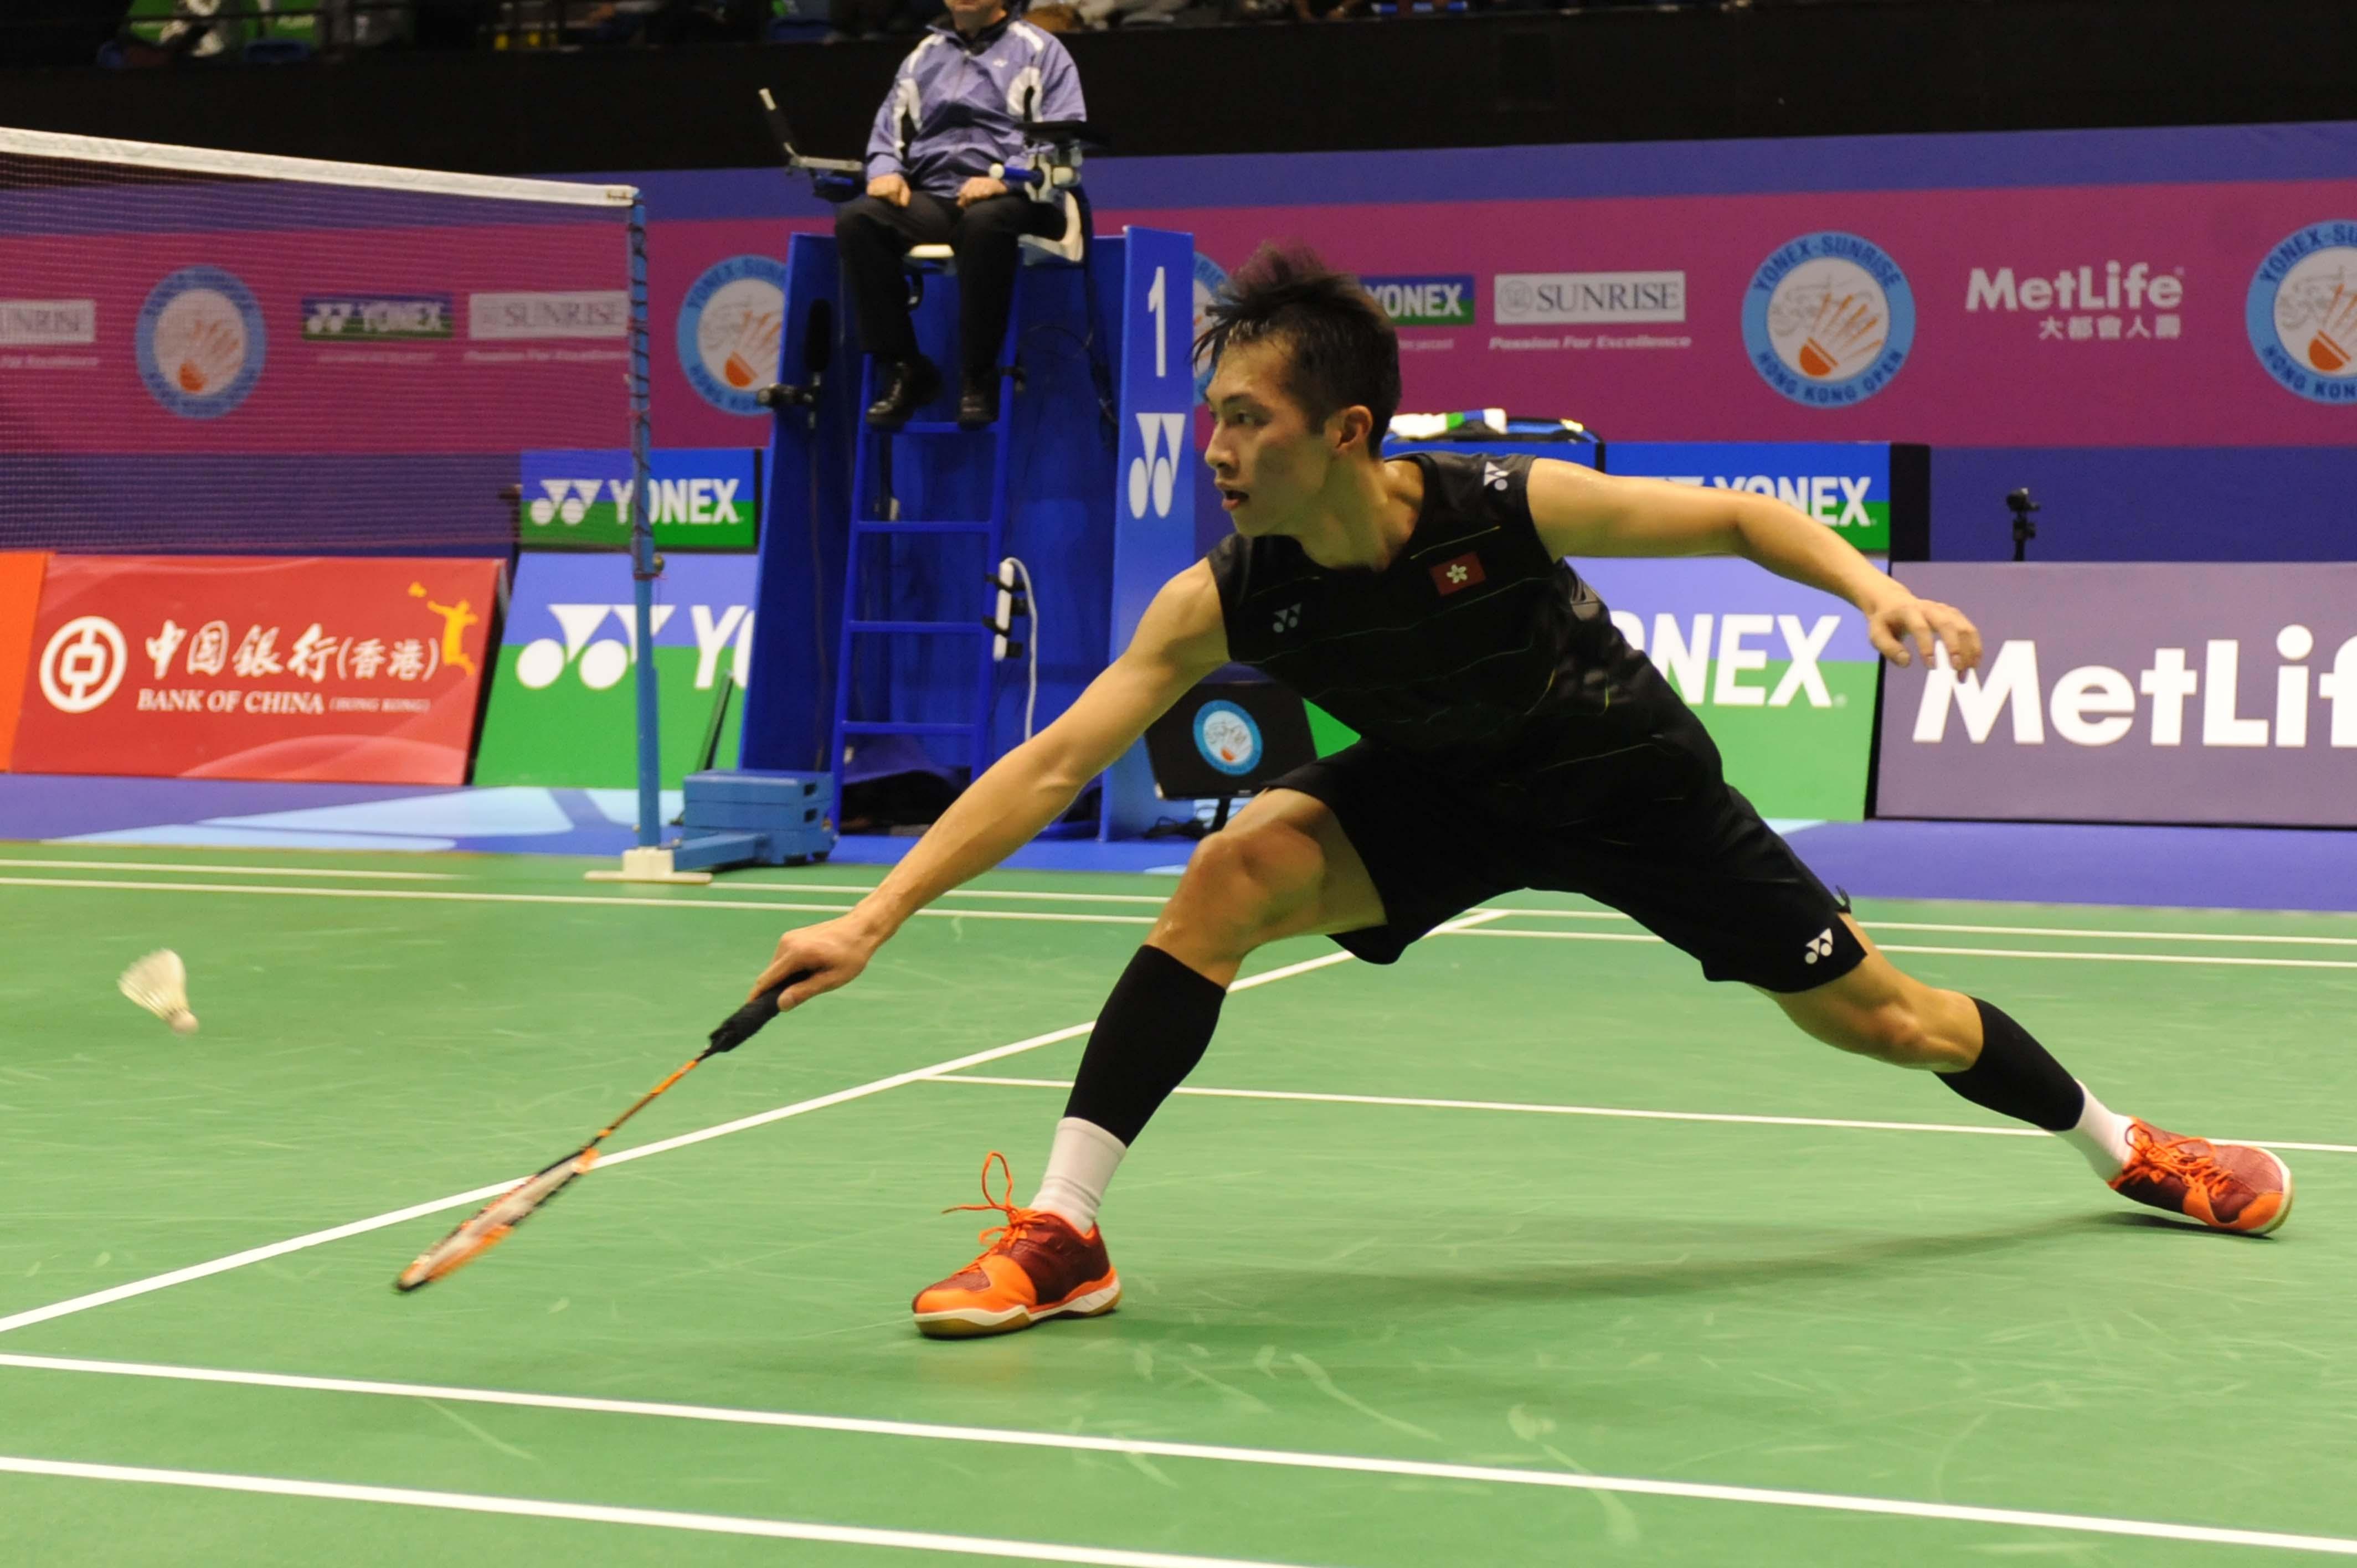 伍家朗出戰亞洲羽毛球錦標賽,在八強止步。資料圖片